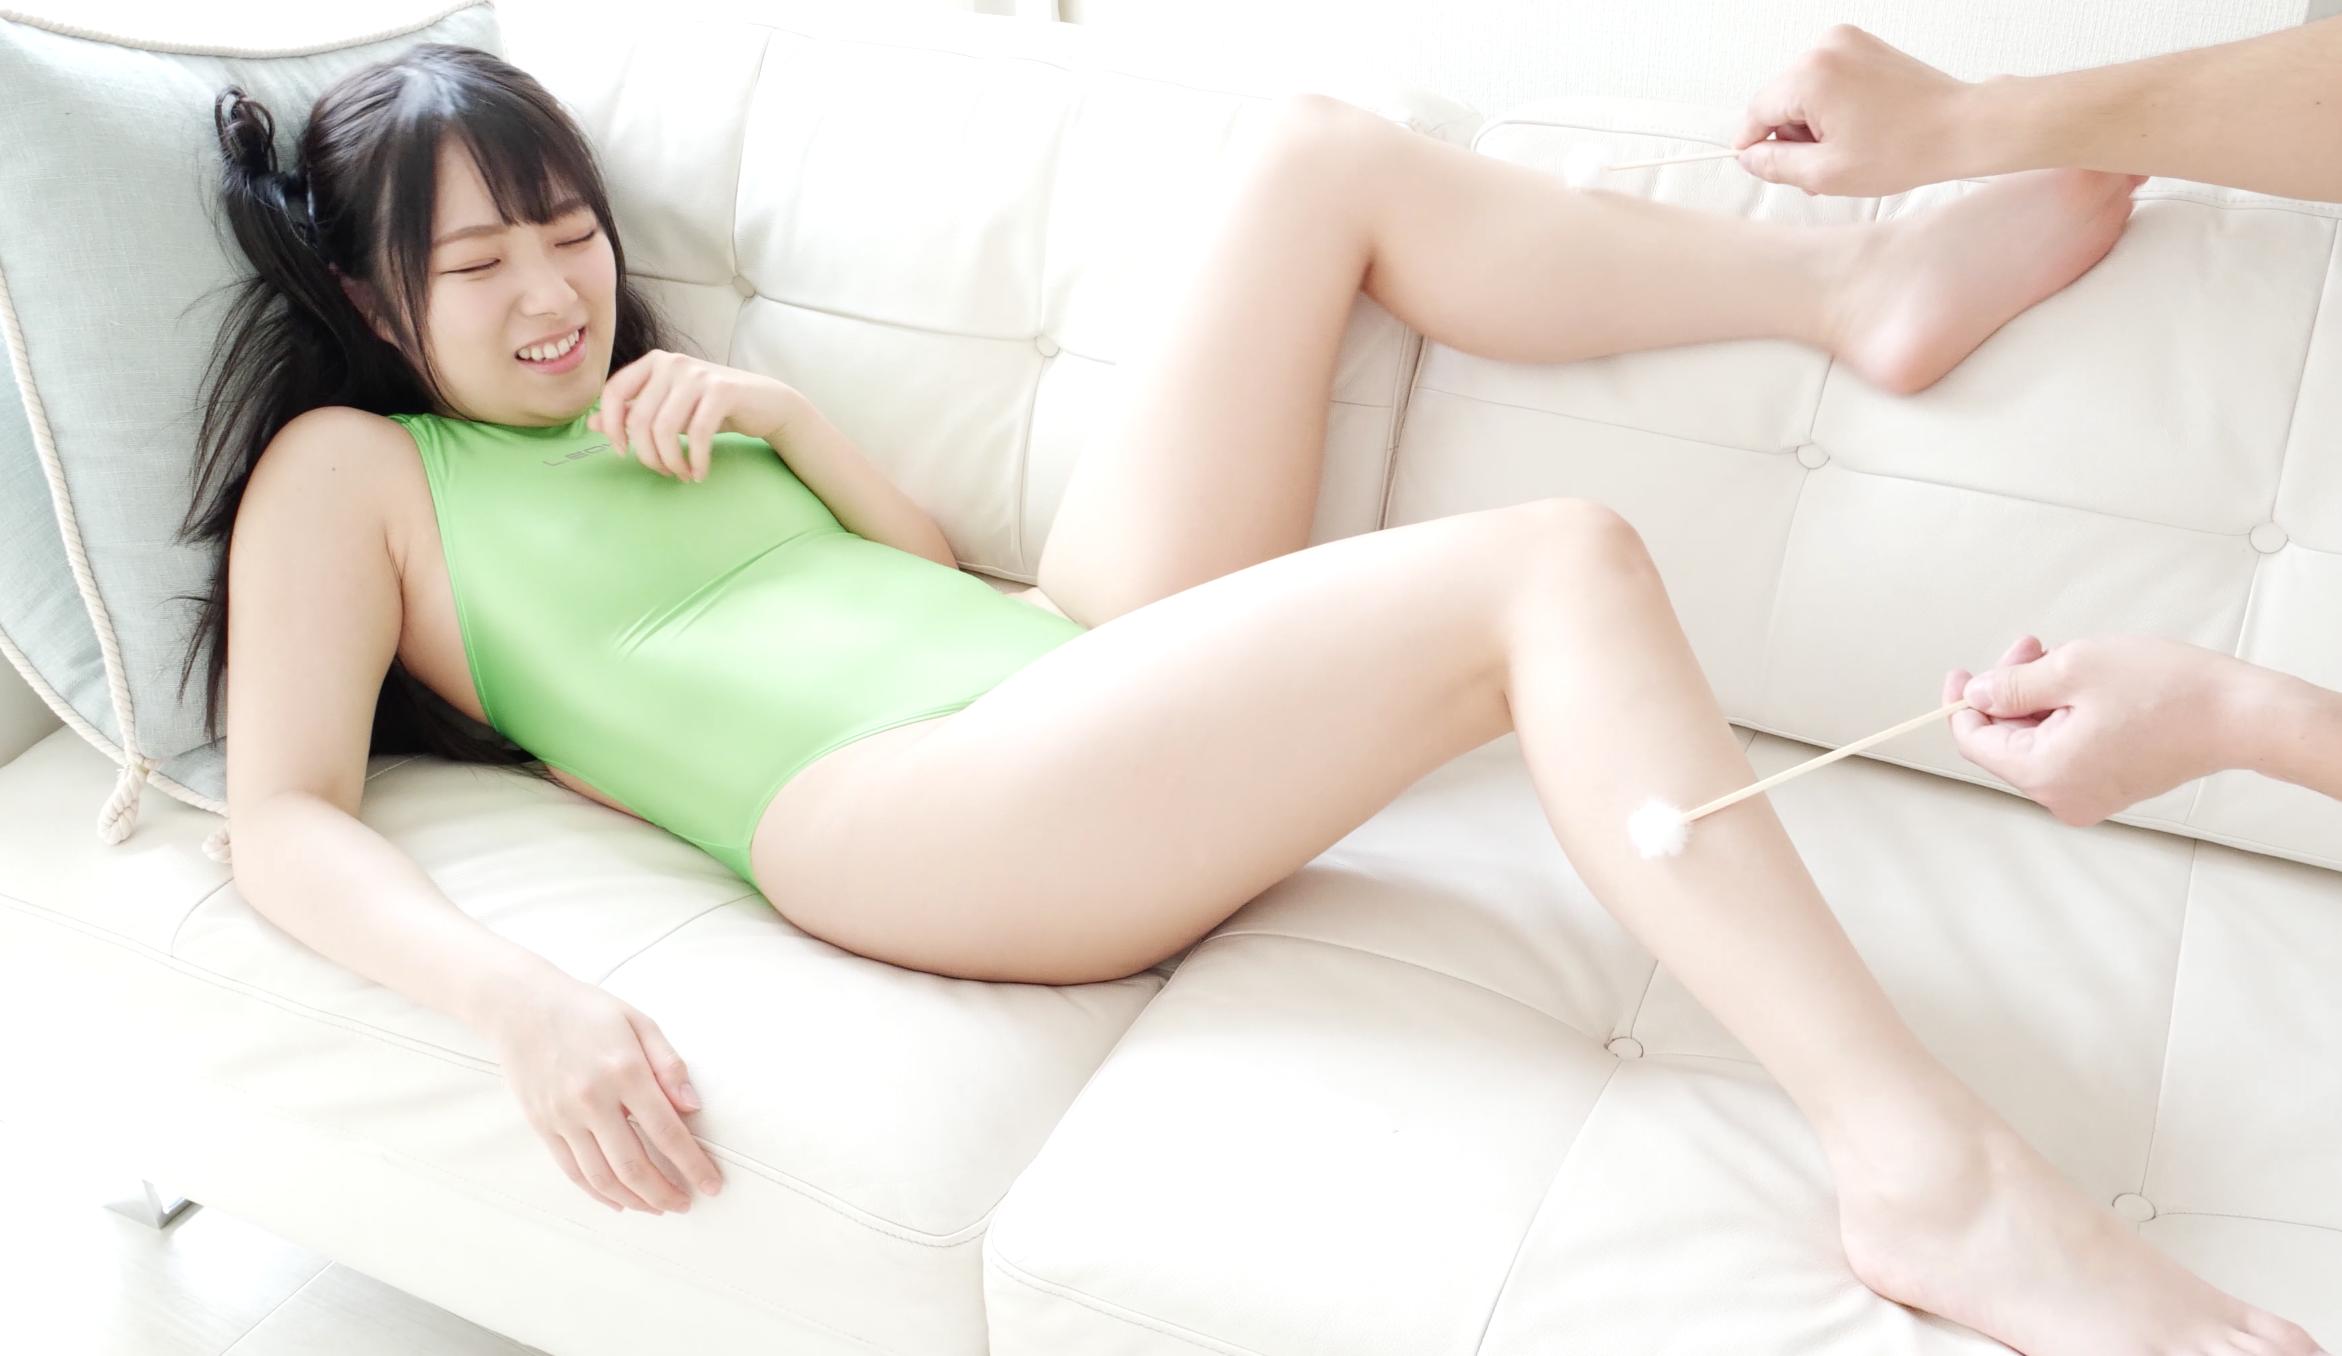 とっても可愛いミニマム人気女優 平 花ちゃんのくすぐり動画!(パッケージ画像)